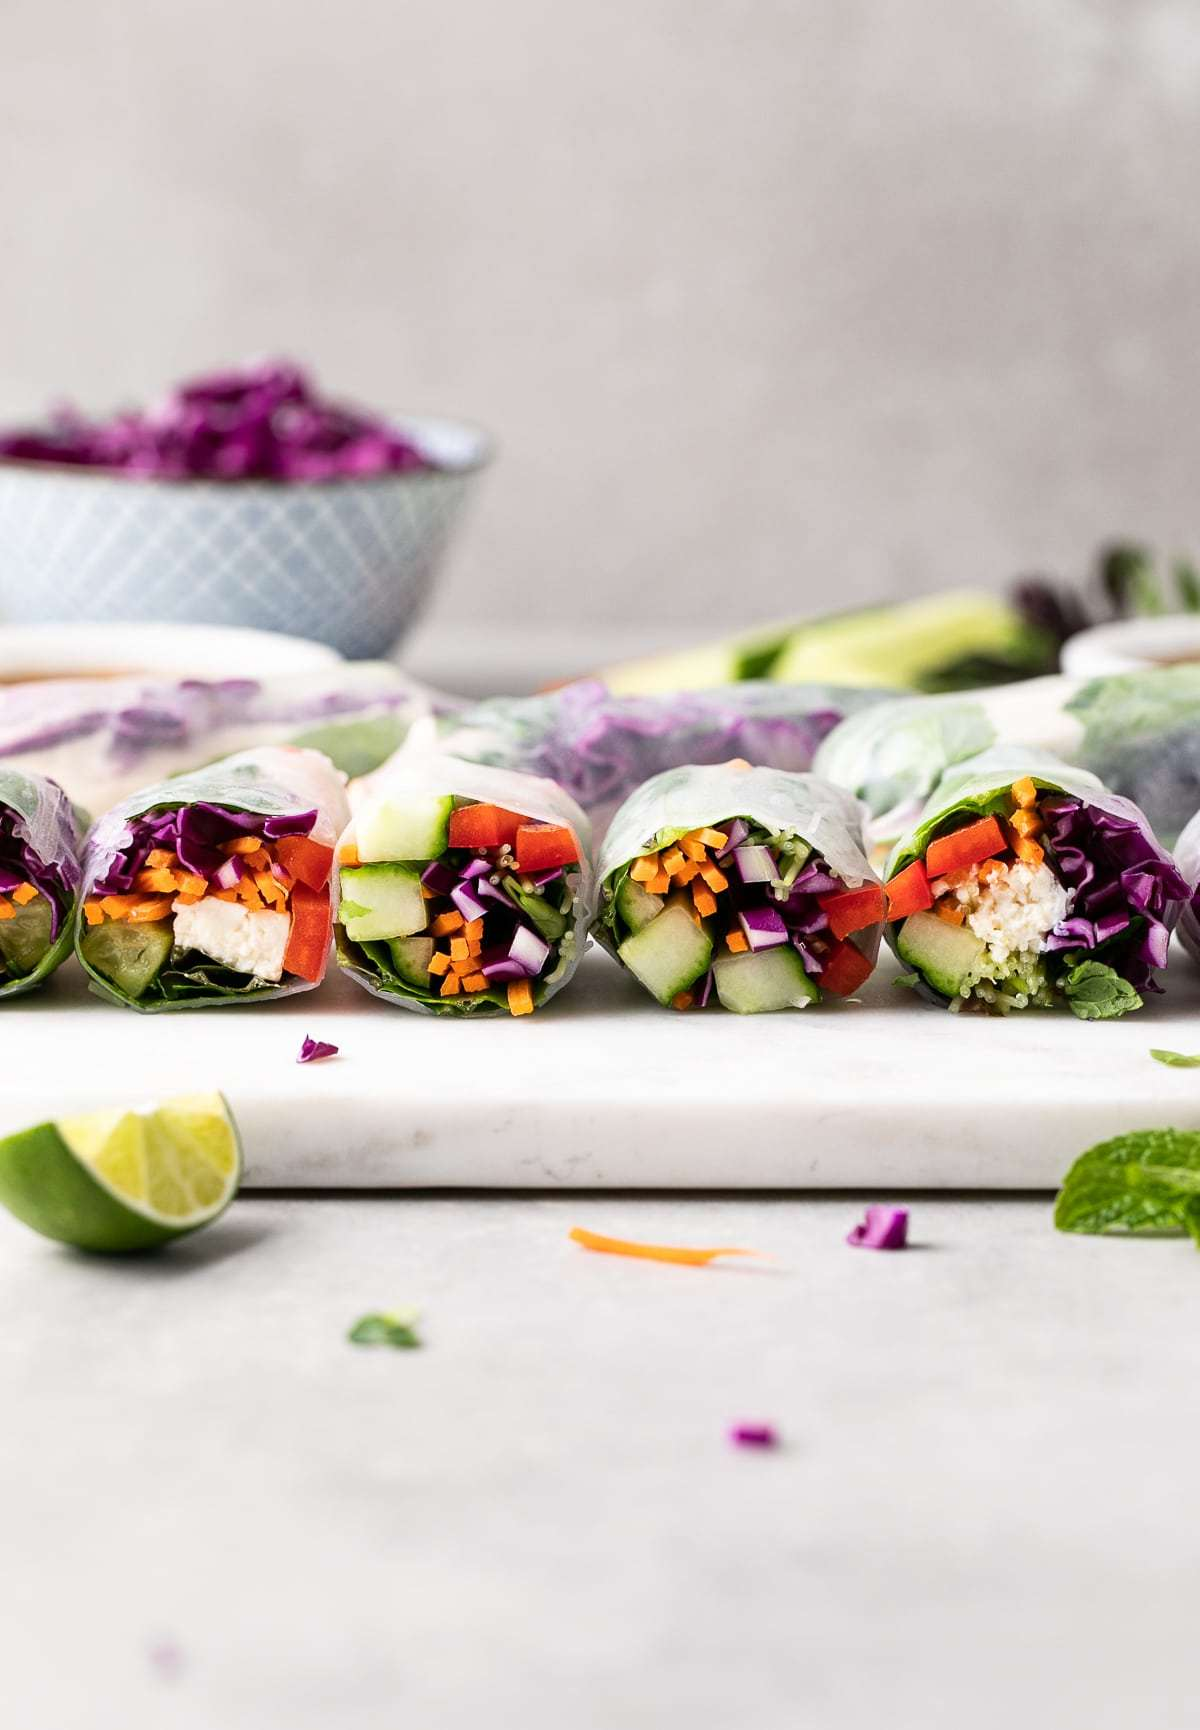 Việc thay thế tinh bột trắng (bún gạo) bằng đậu hủ, giúp những ai đã và đang tranh thủ giảm cân mùa giãn cách mạnh miệng hơn khi thưởng thức.